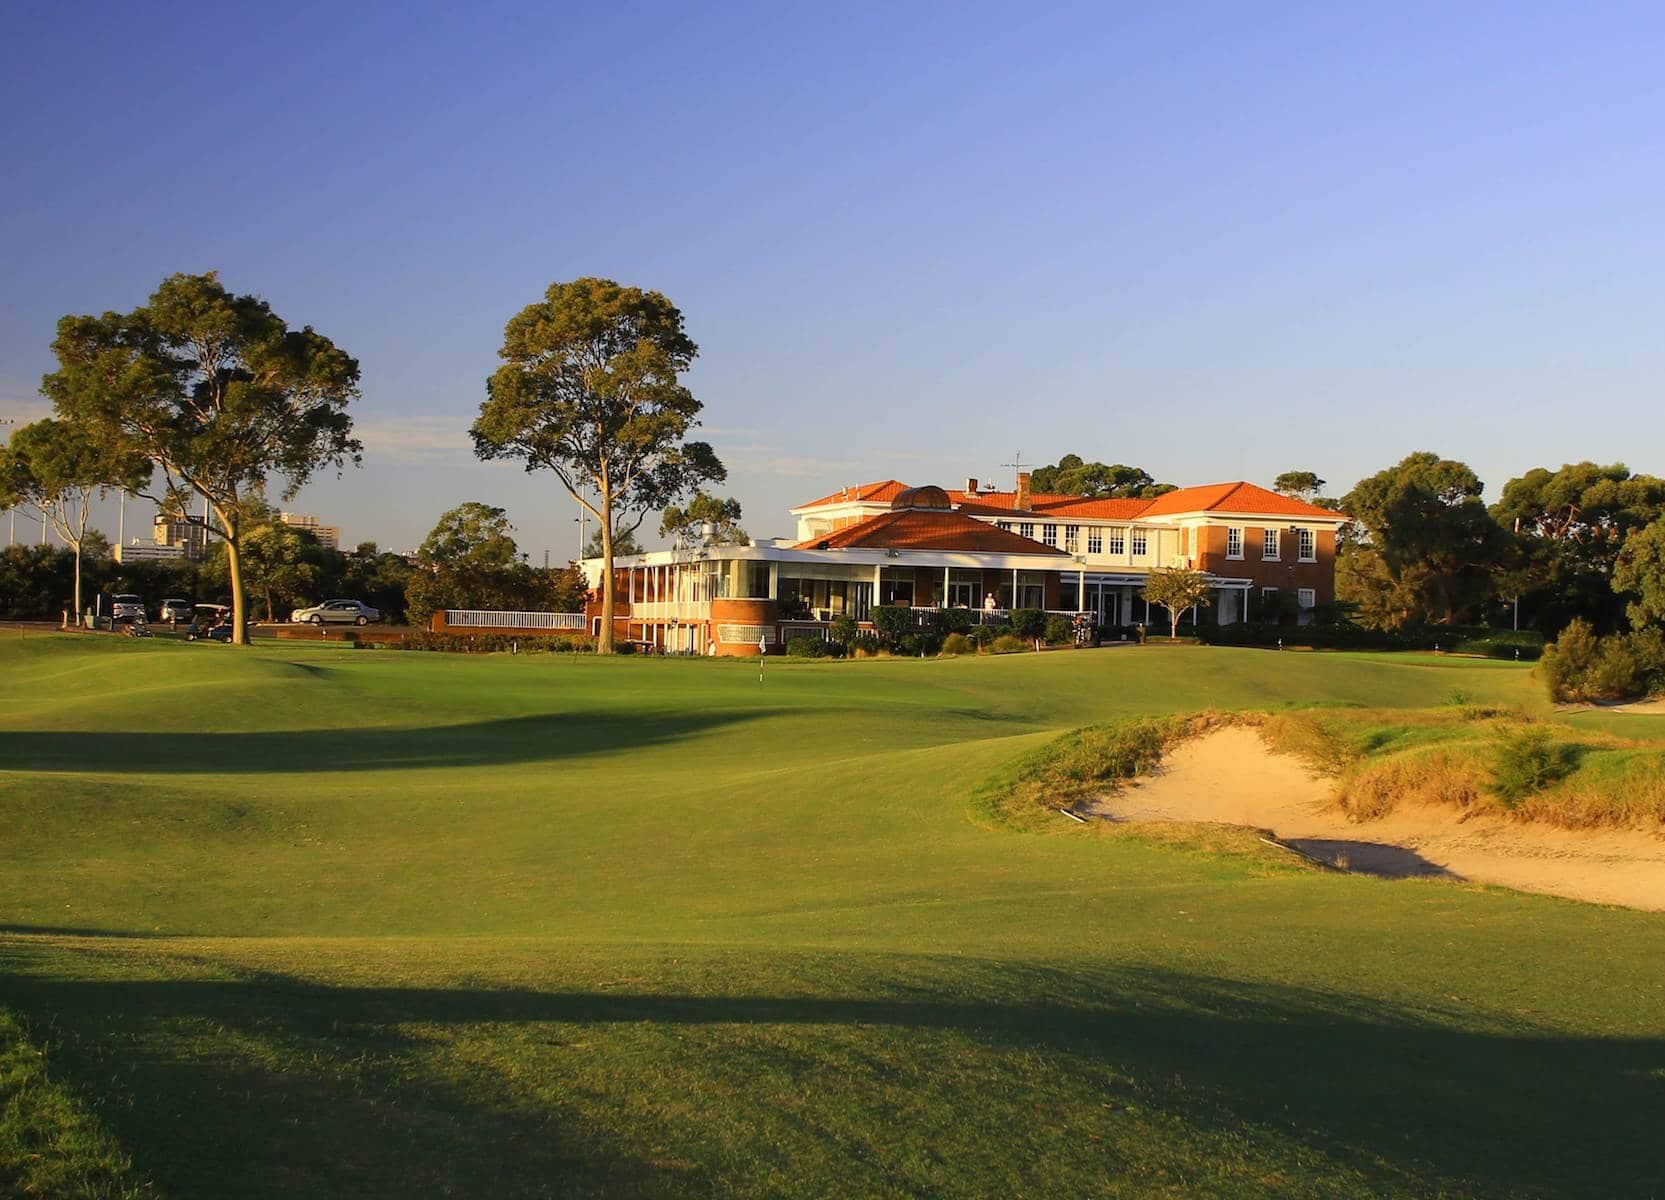 Bonnie Doon Golf Club